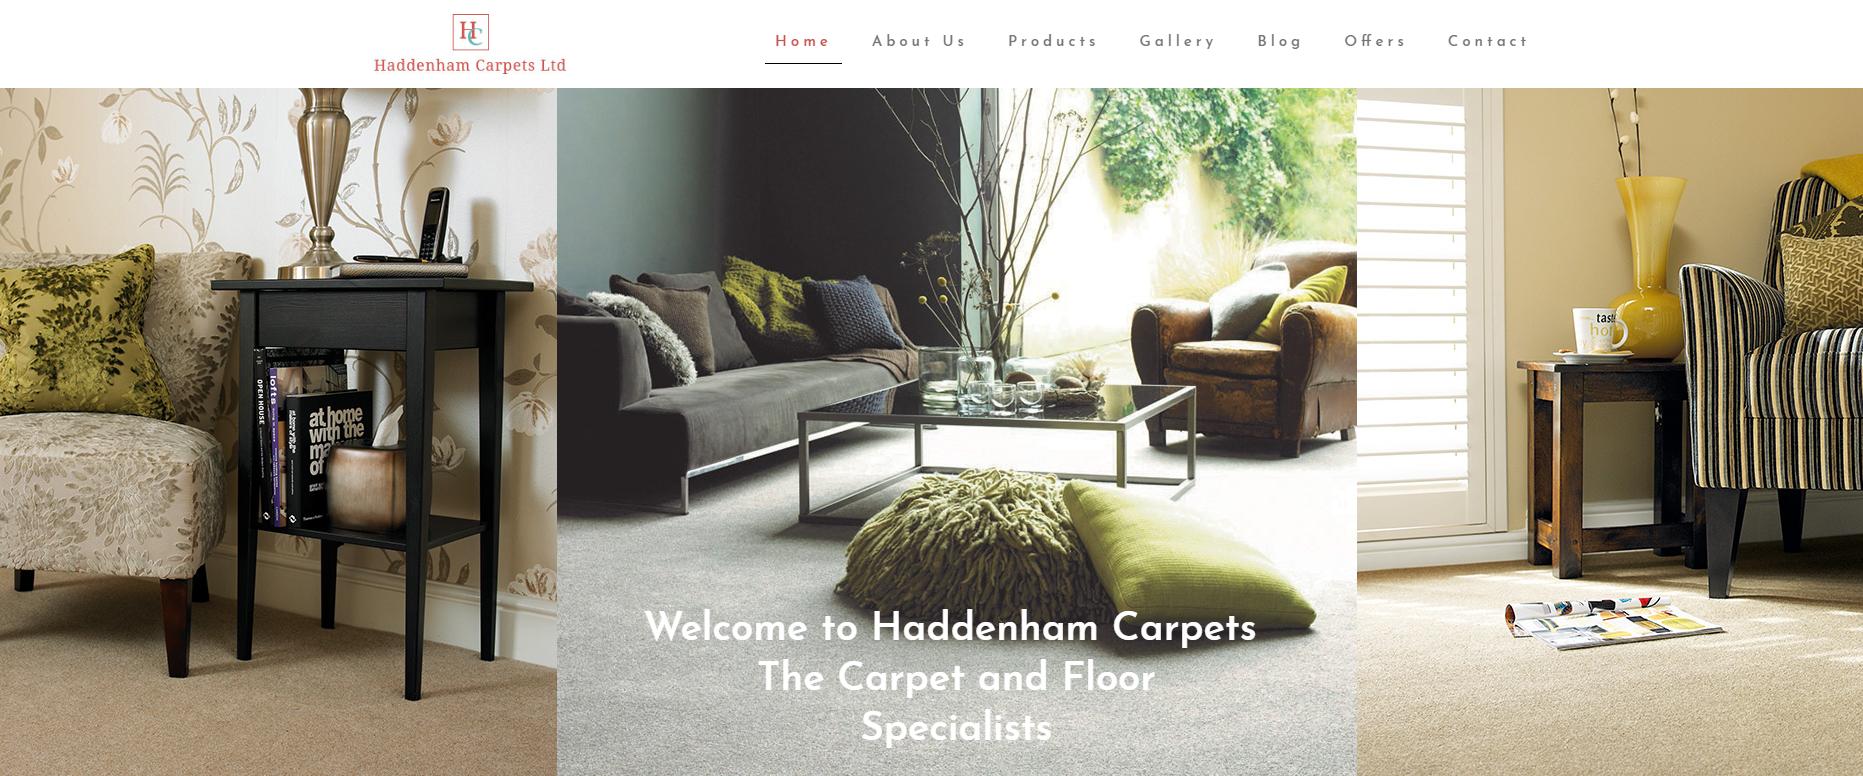 Haddenham-new-blog-image